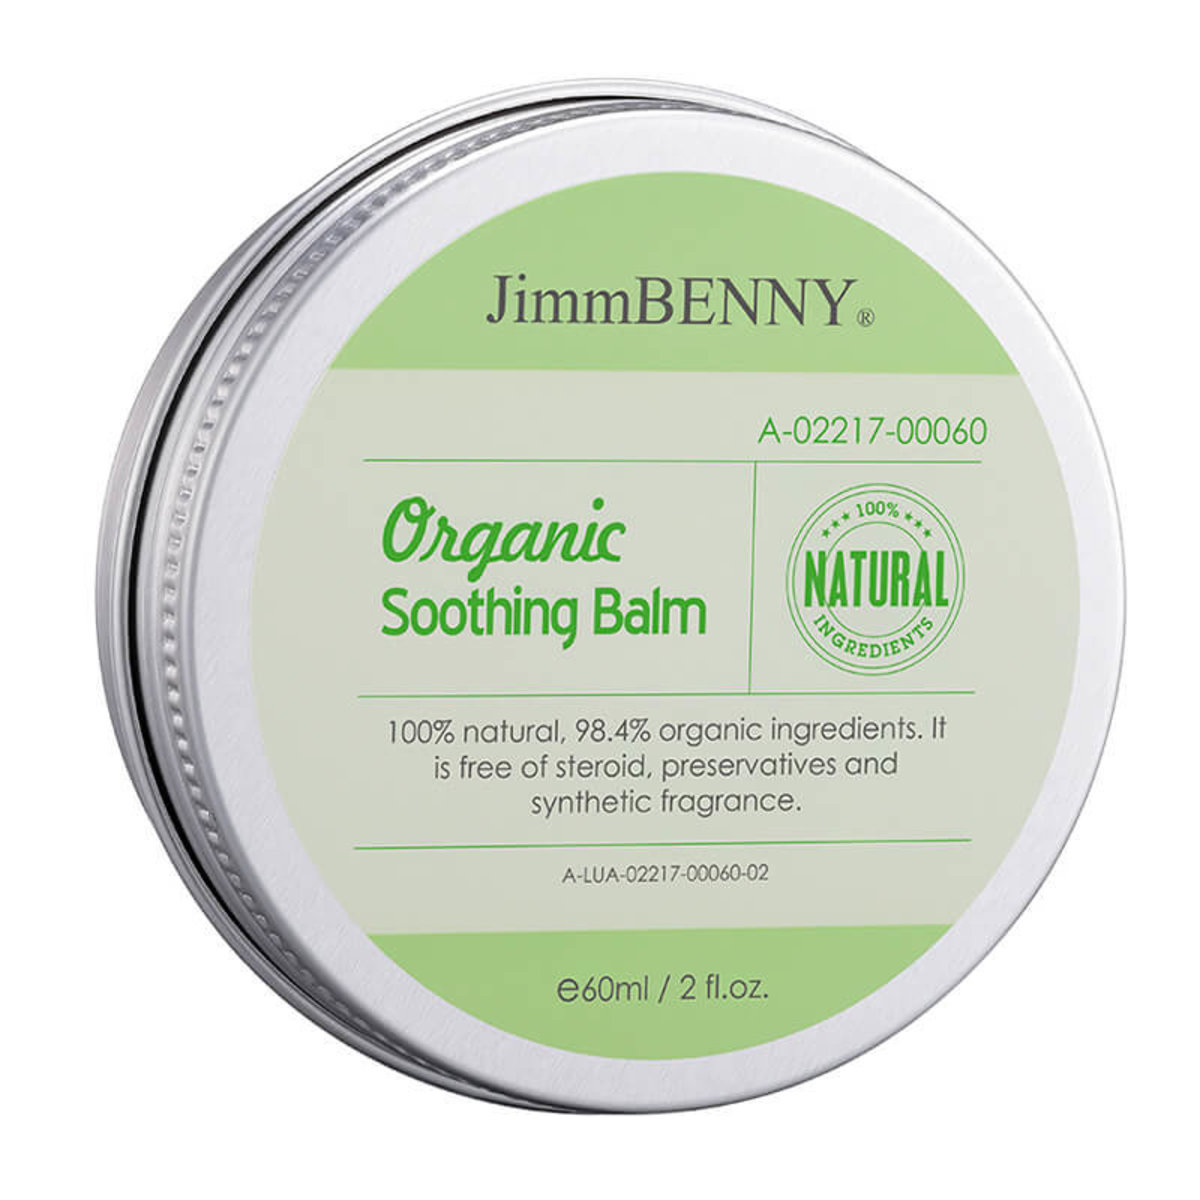 Organic Soothing Balm